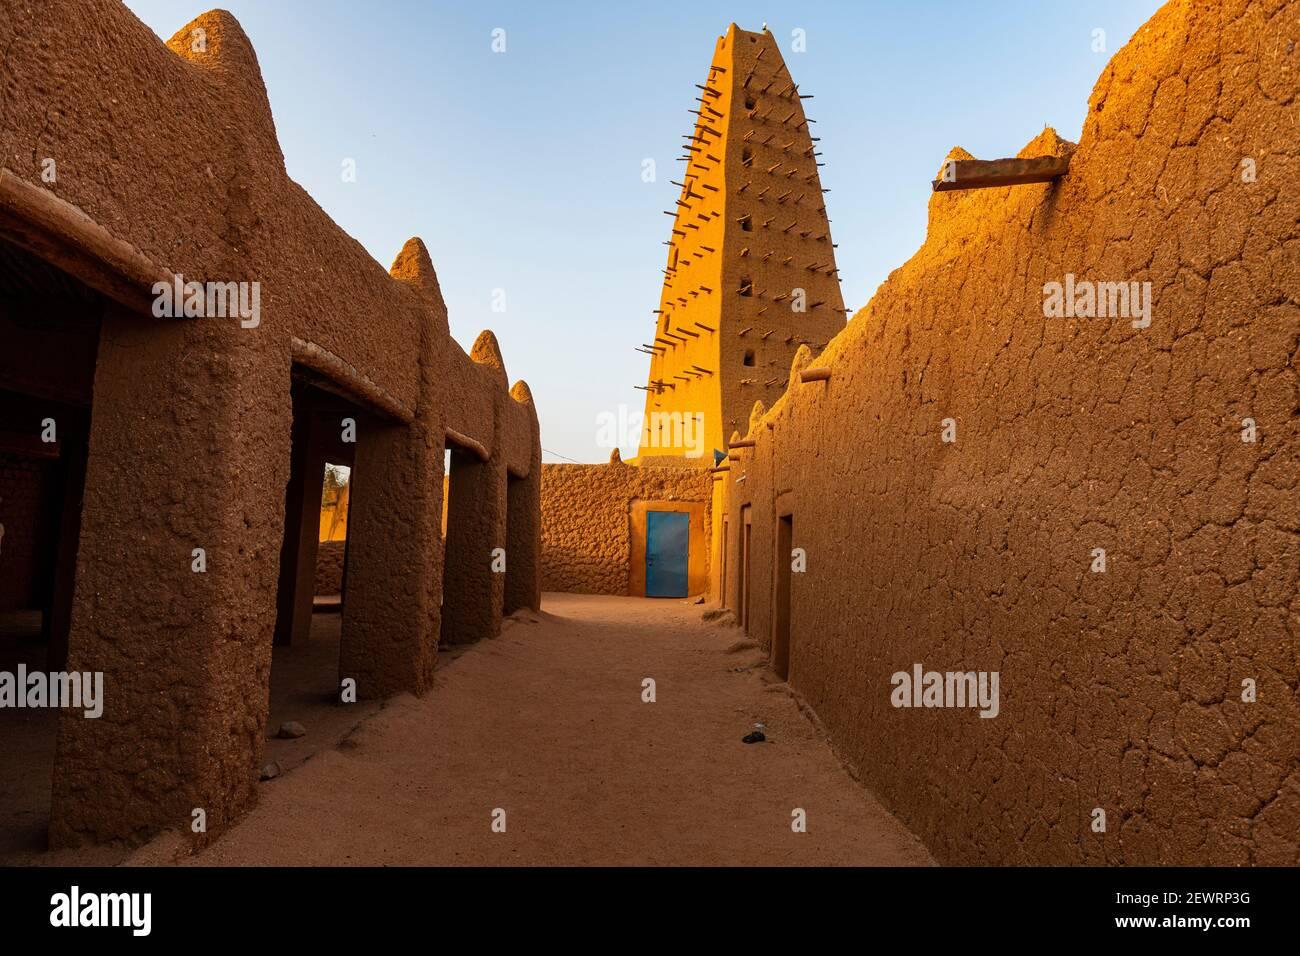 Grande moschea di Agadez, patrimonio dell'umanità dell'UNESCO, Agadez, Niger, Africa Foto Stock